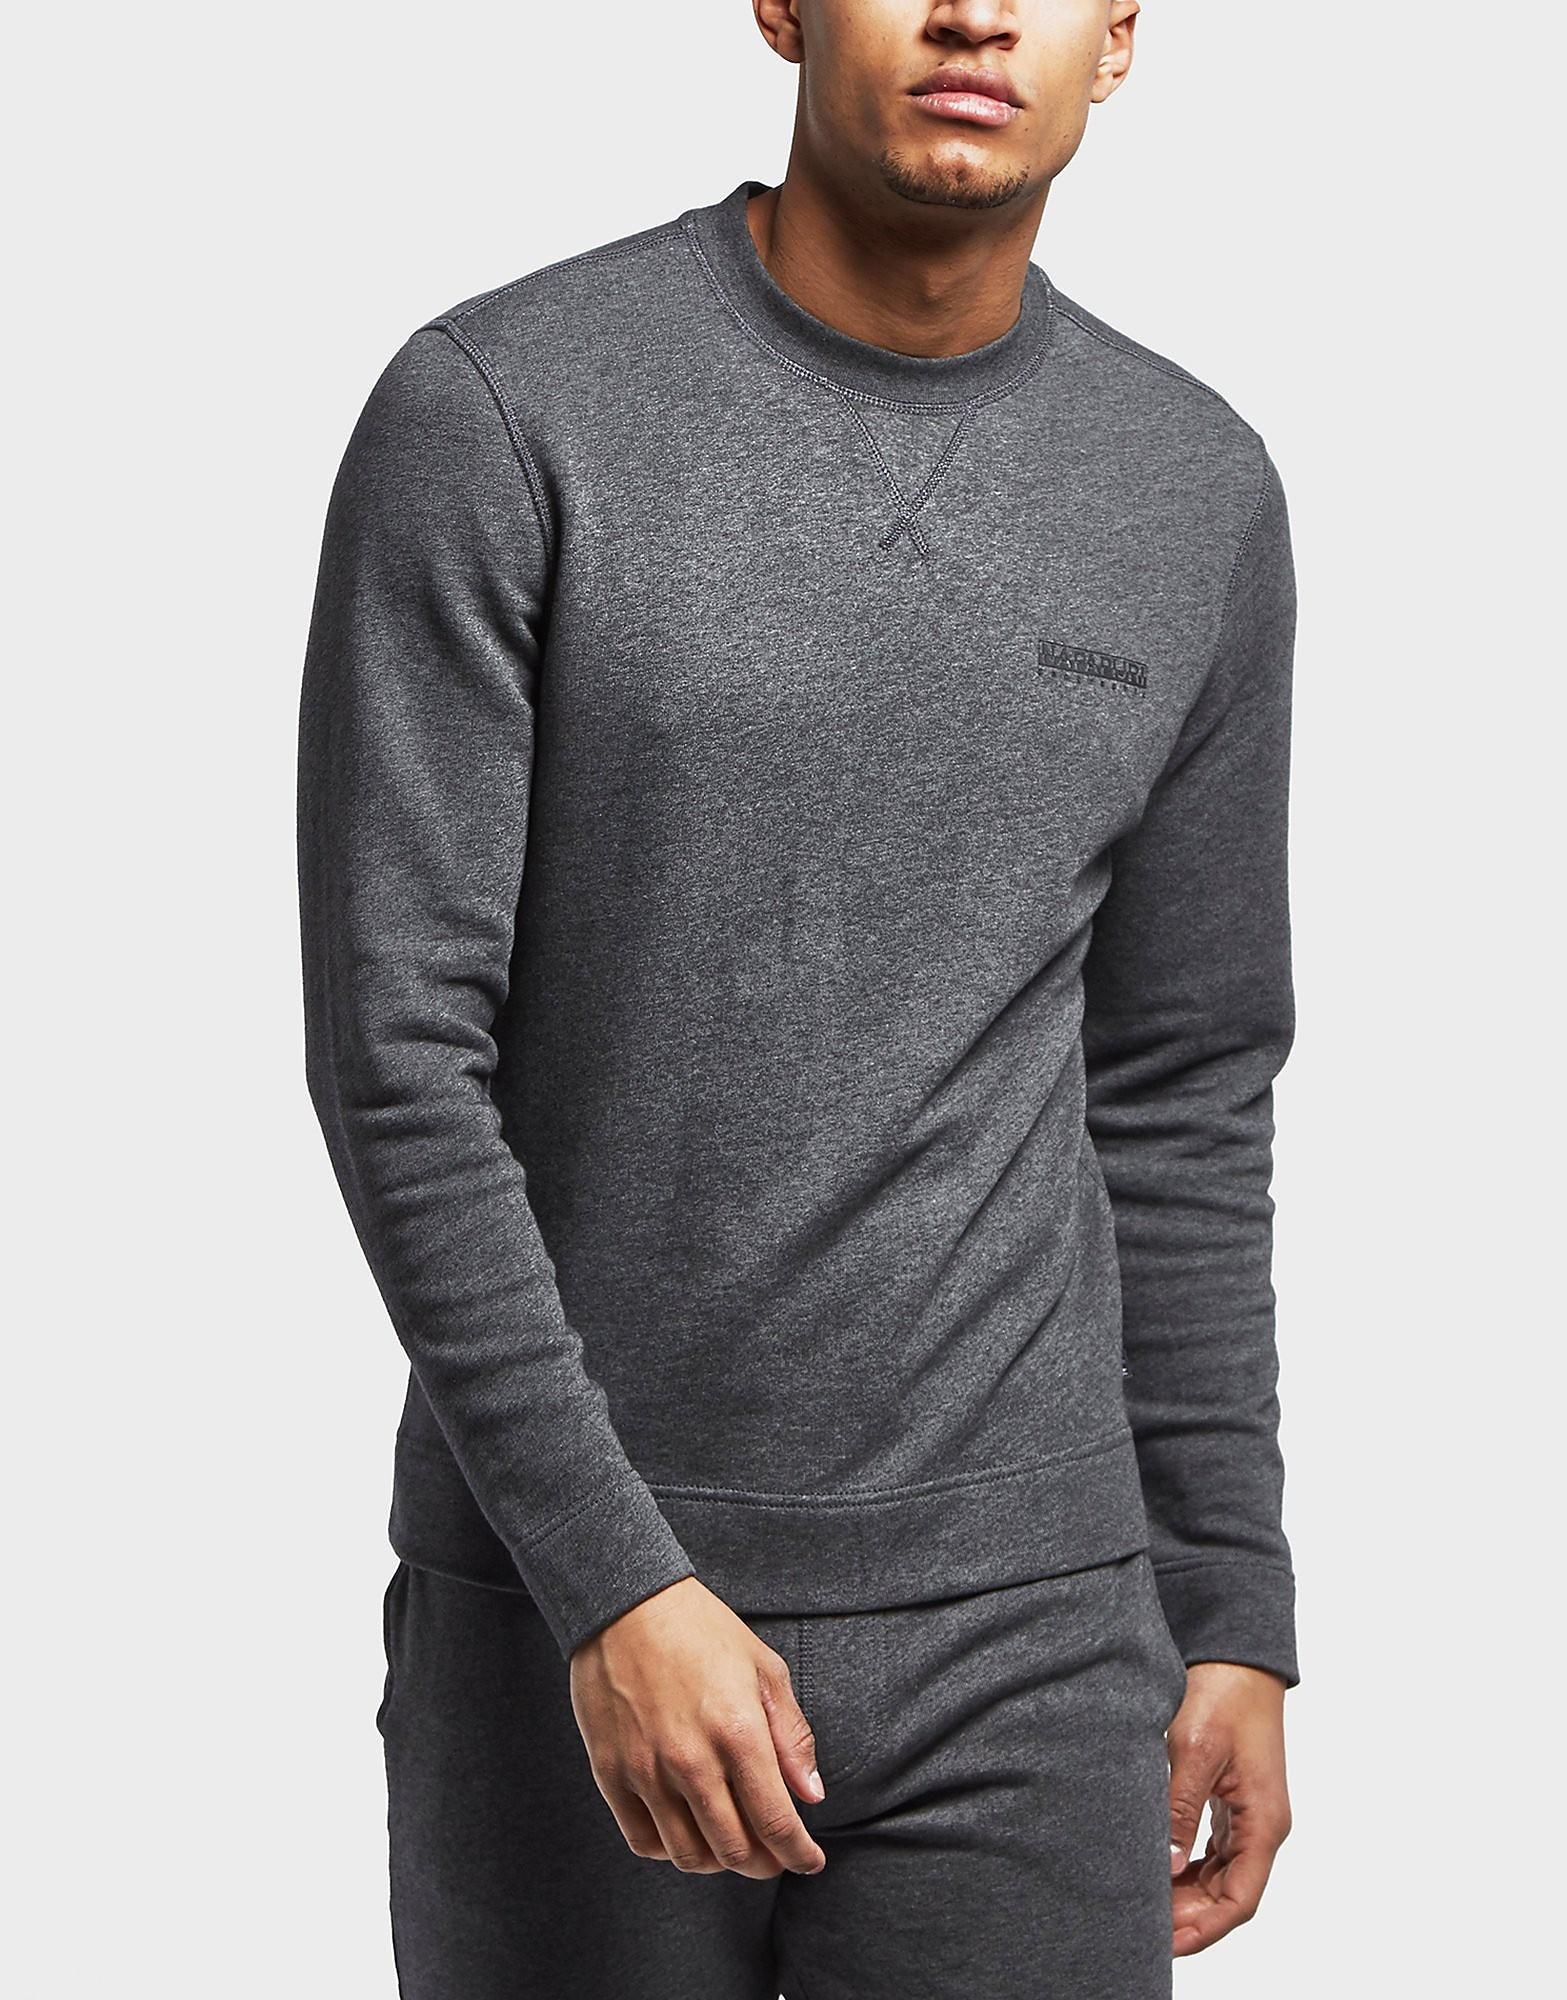 Napapijri Marl Crew Sweatshirt